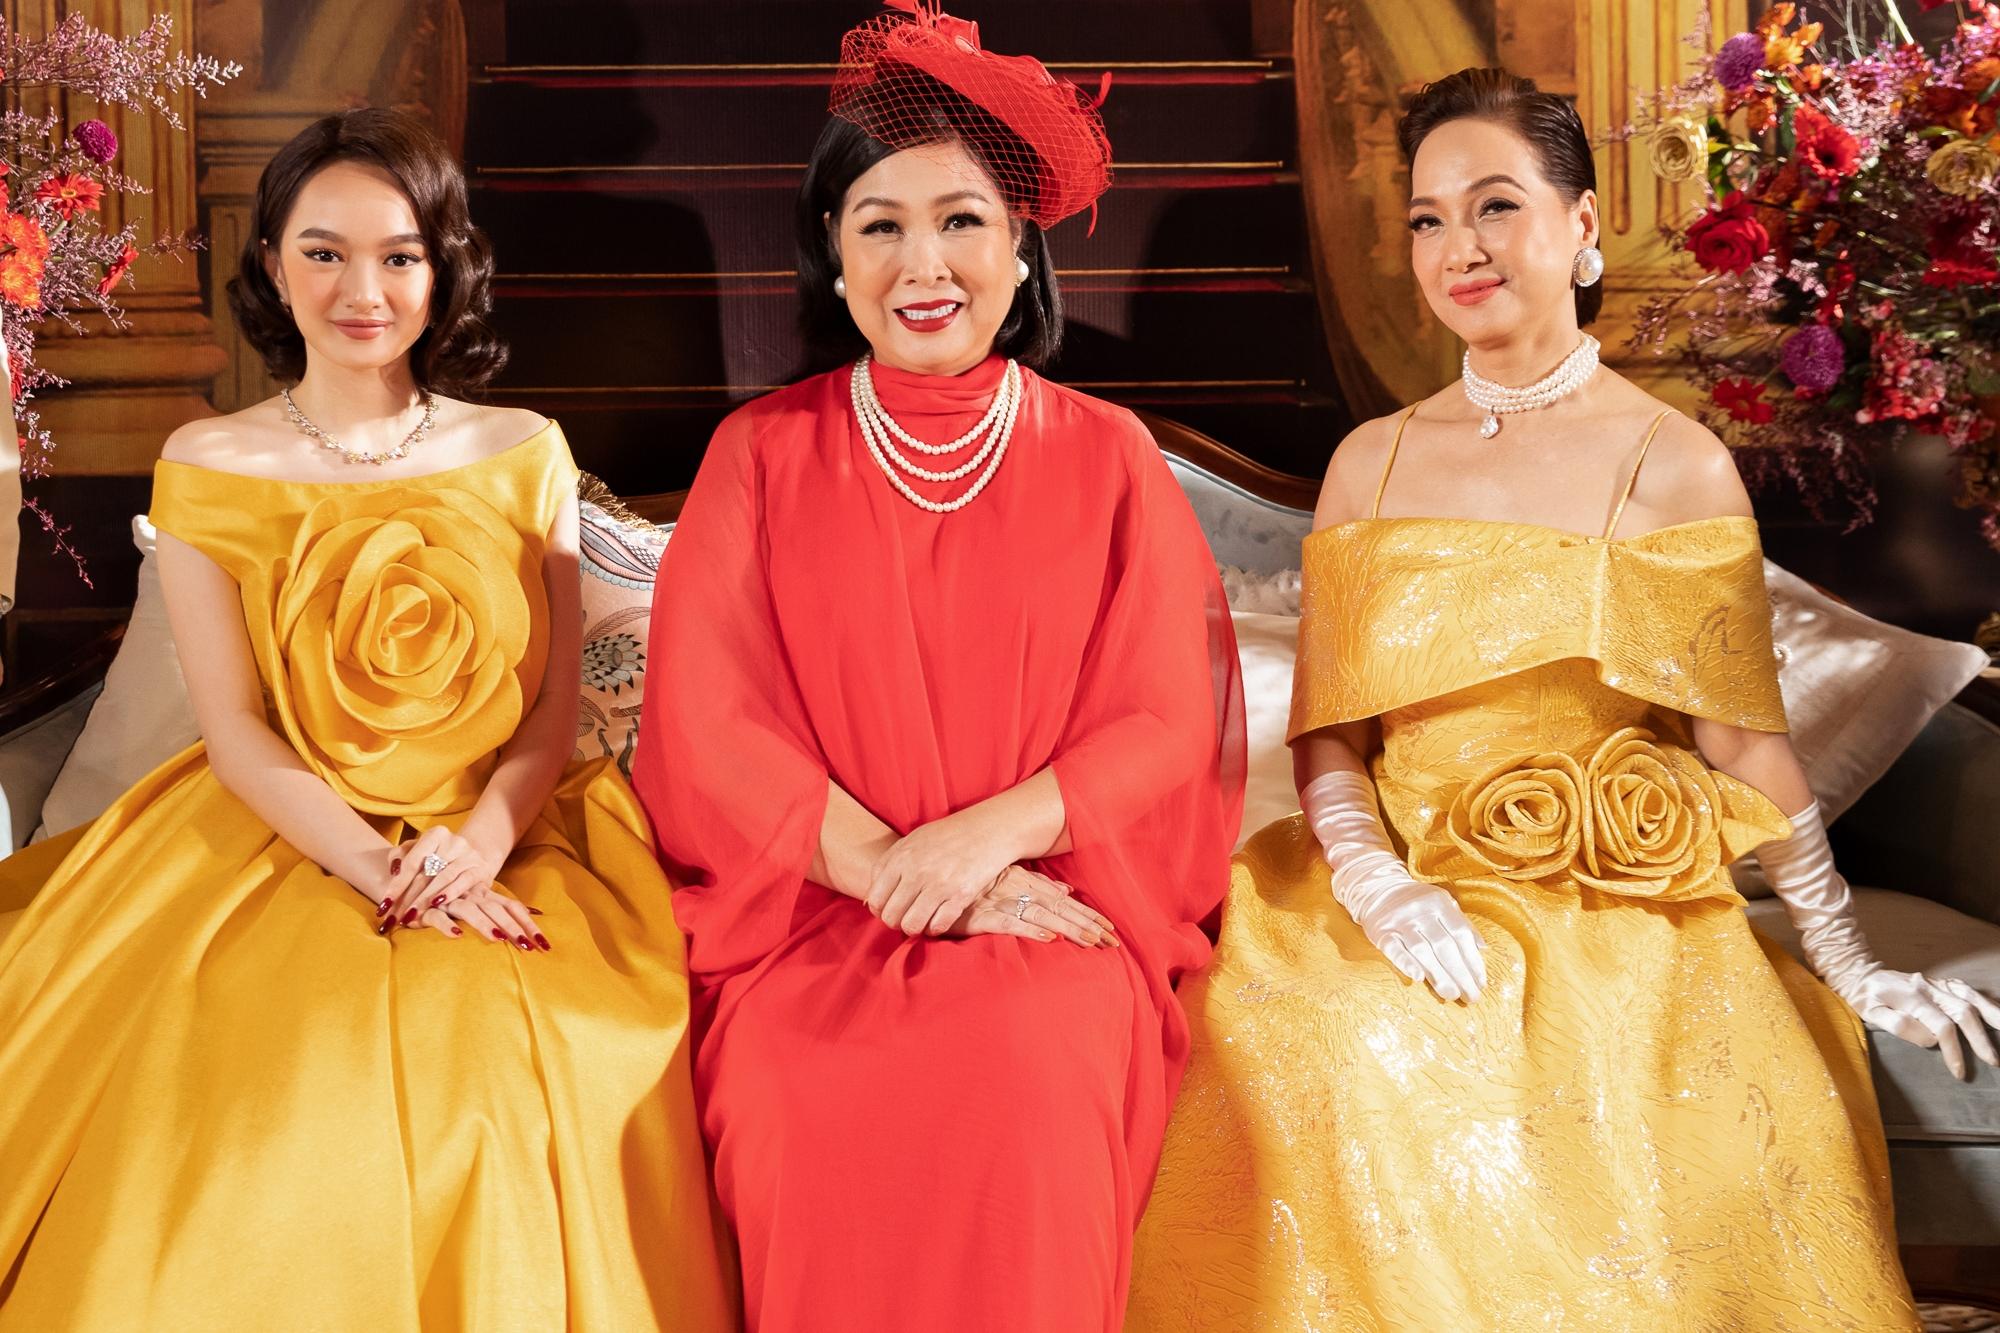 Ba chị em nhà Lý gia trong phim do NSND Lê Khanh, NSND Hồng Vân, Kaity Nguyễn thủ vai.